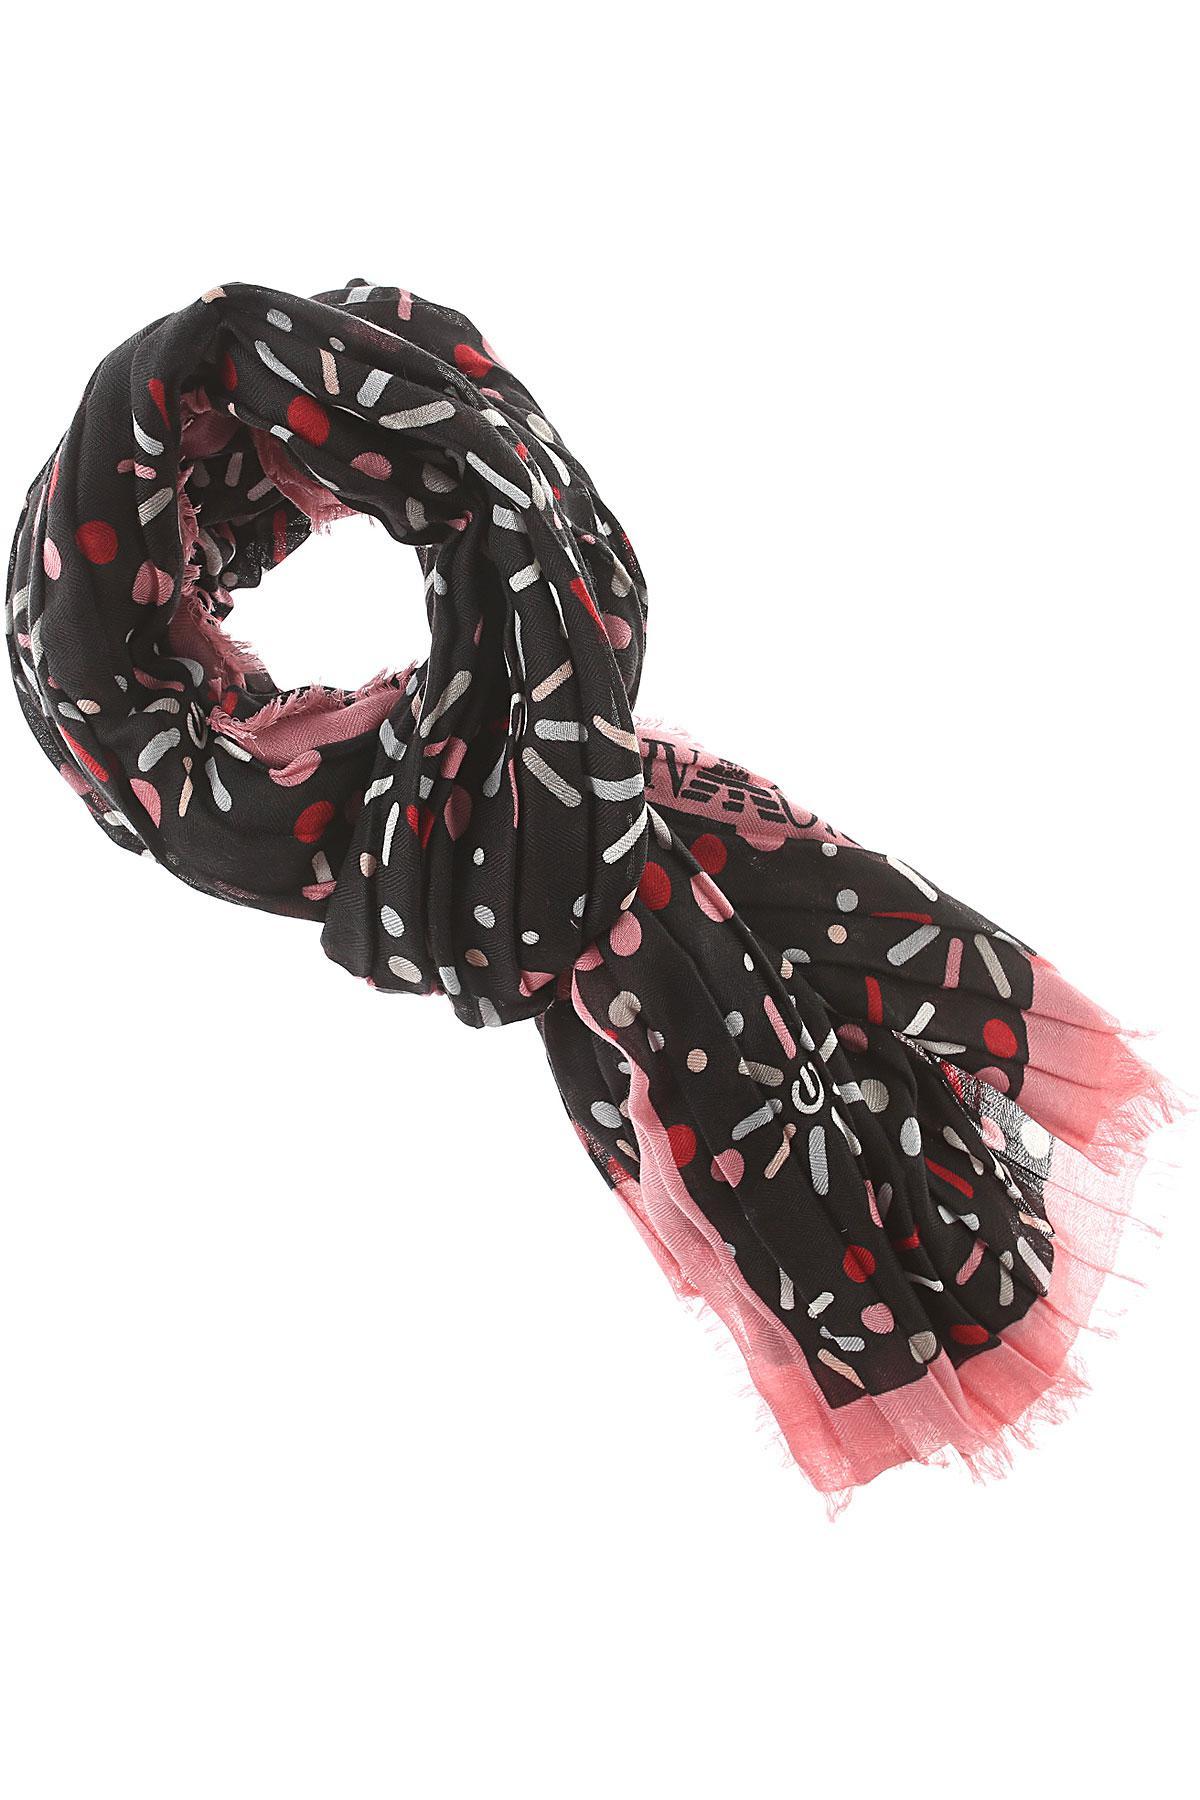 Lyst - Écharpe Femme Pas cher en Soldes Emporio Armani en coloris Rose 106295f6ba9